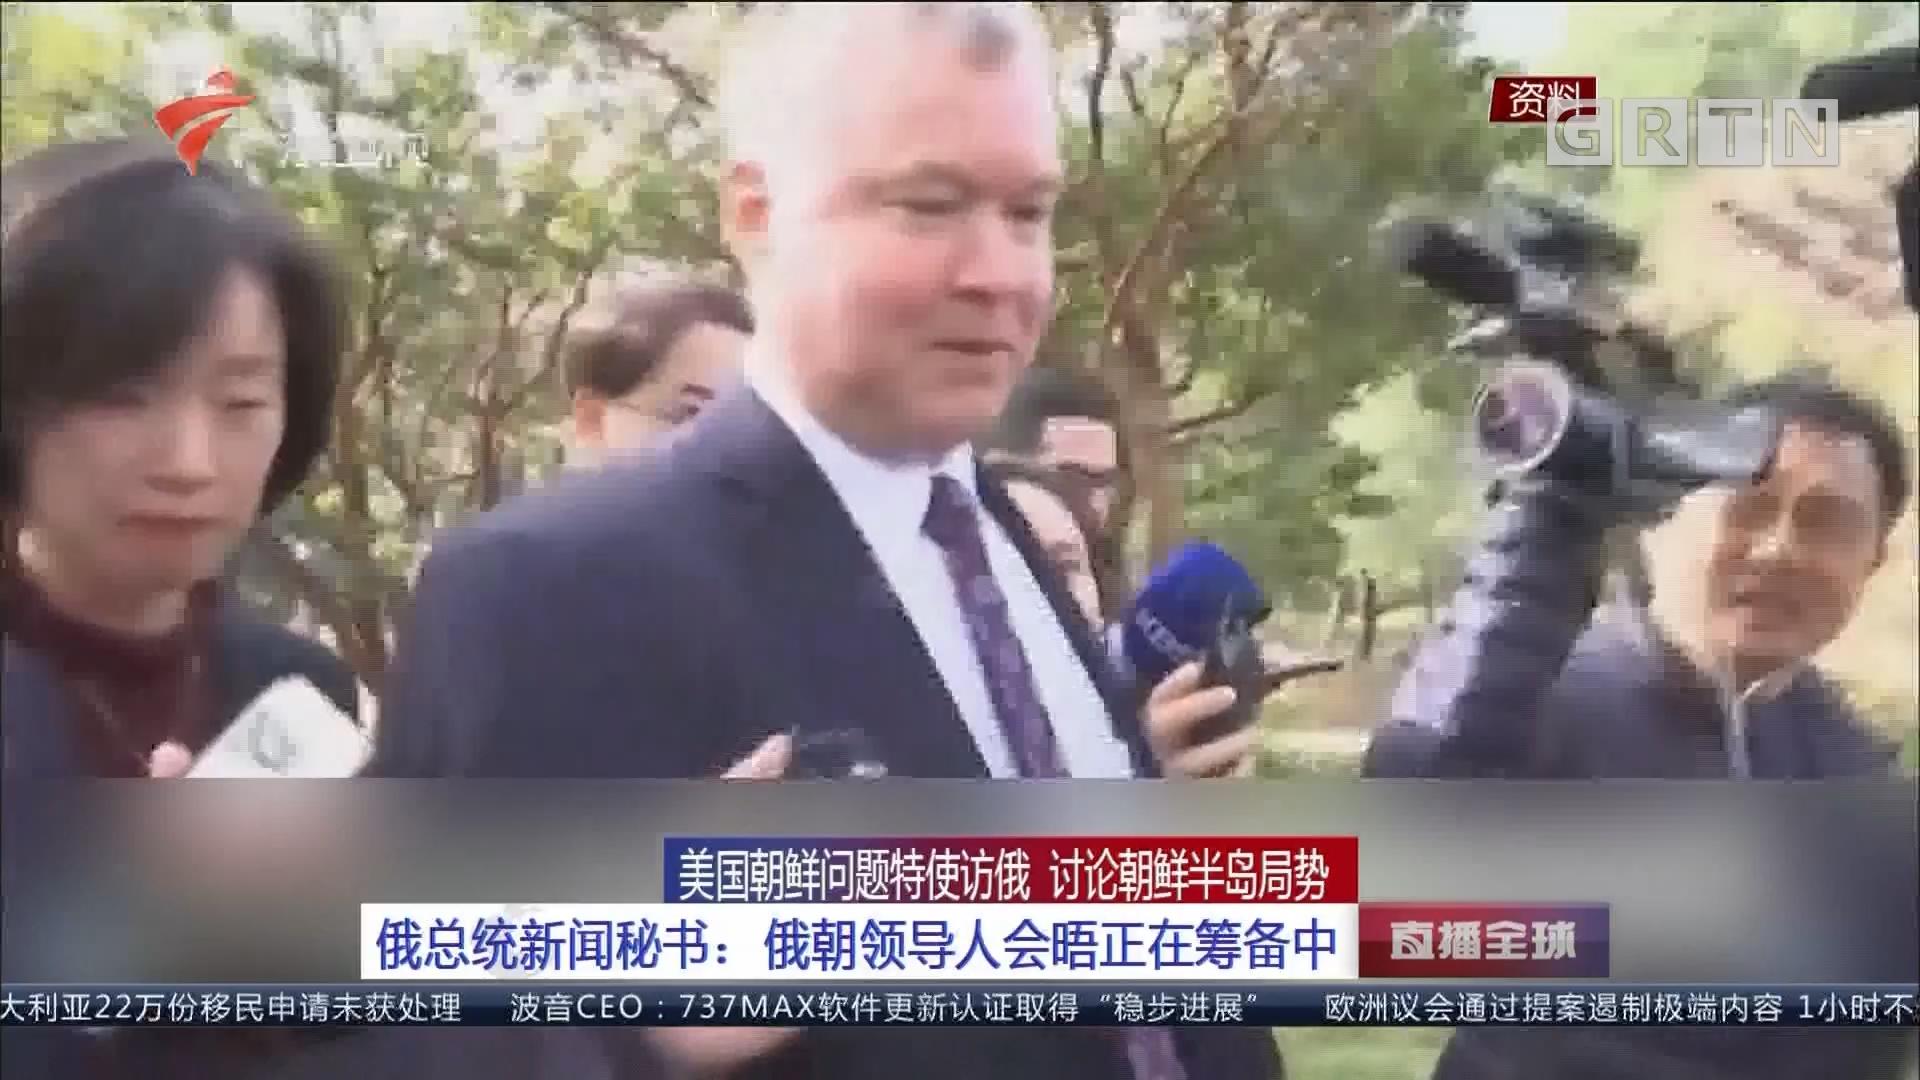 美国朝鲜问题特使访俄 讨论朝鲜半岛局势 俄总统新闻秘书:俄朝领导人会晤正在筹备中